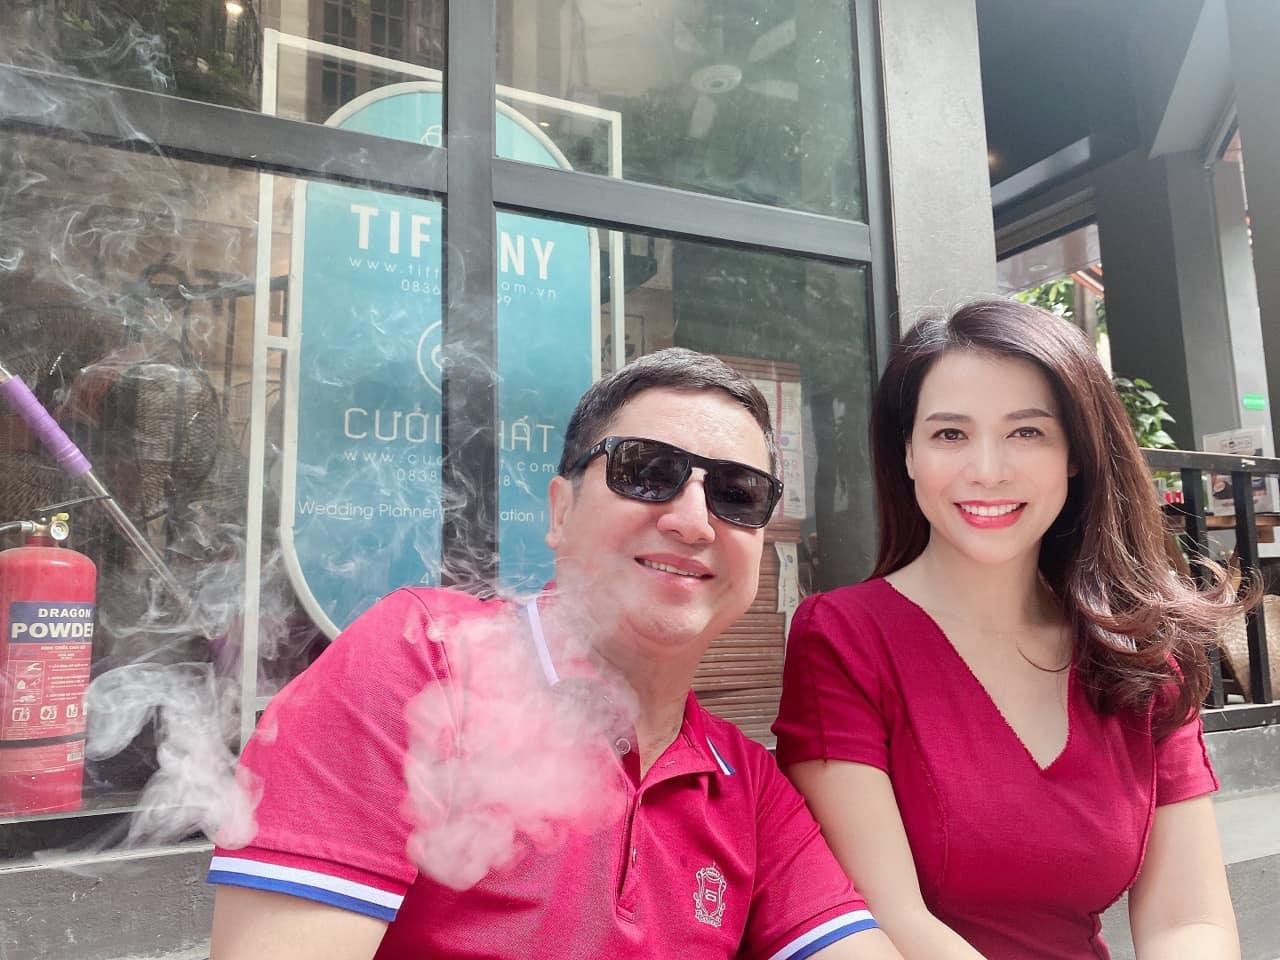 Những khoảnh khắc ngọt ngào của Danh hài Chí Trung và bạn gái kém 17 tuổi - Ảnh 2.